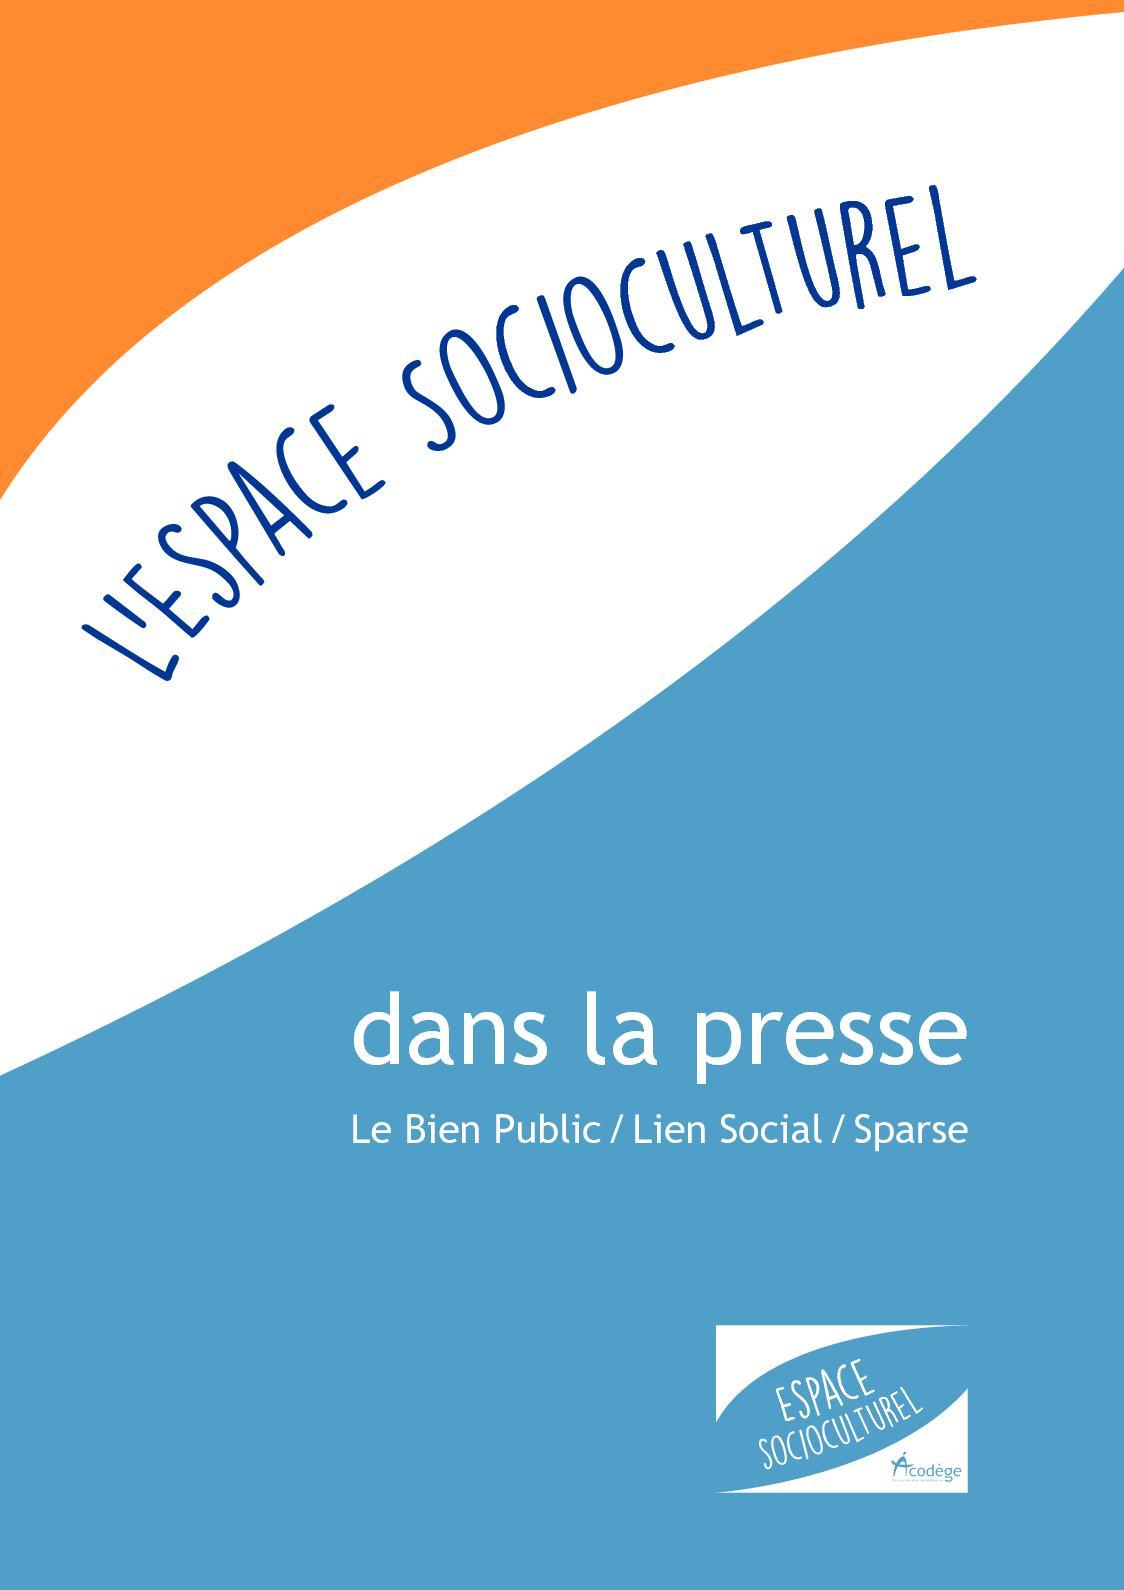 Carte Cadeau Leclerc Génial Calaméo Press Book Of 32 Nouveau Carte Cadeau Leclerc